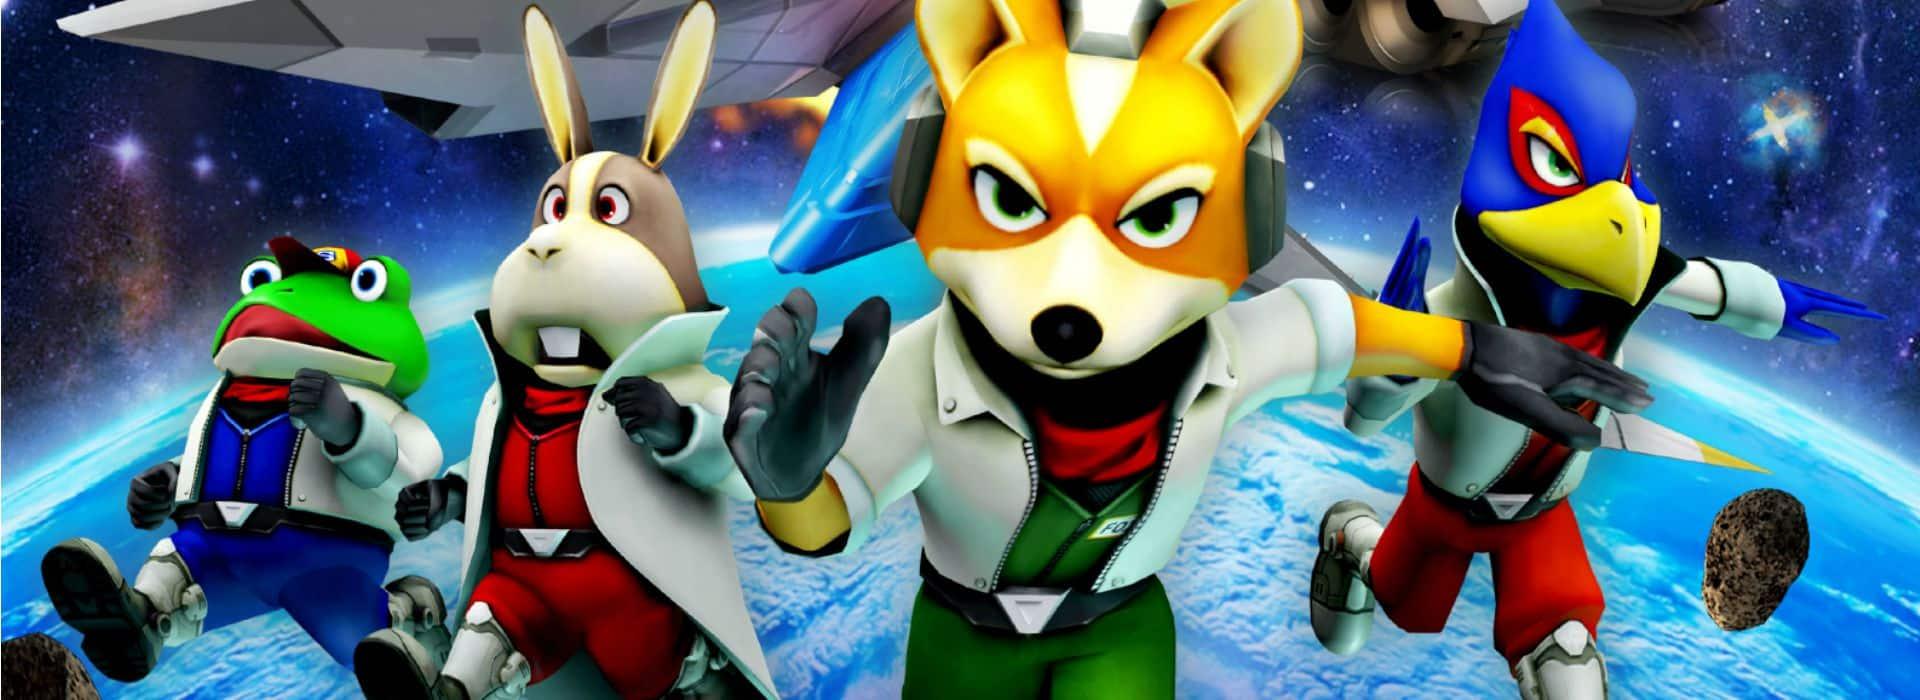 star-fox-64-3d-banner